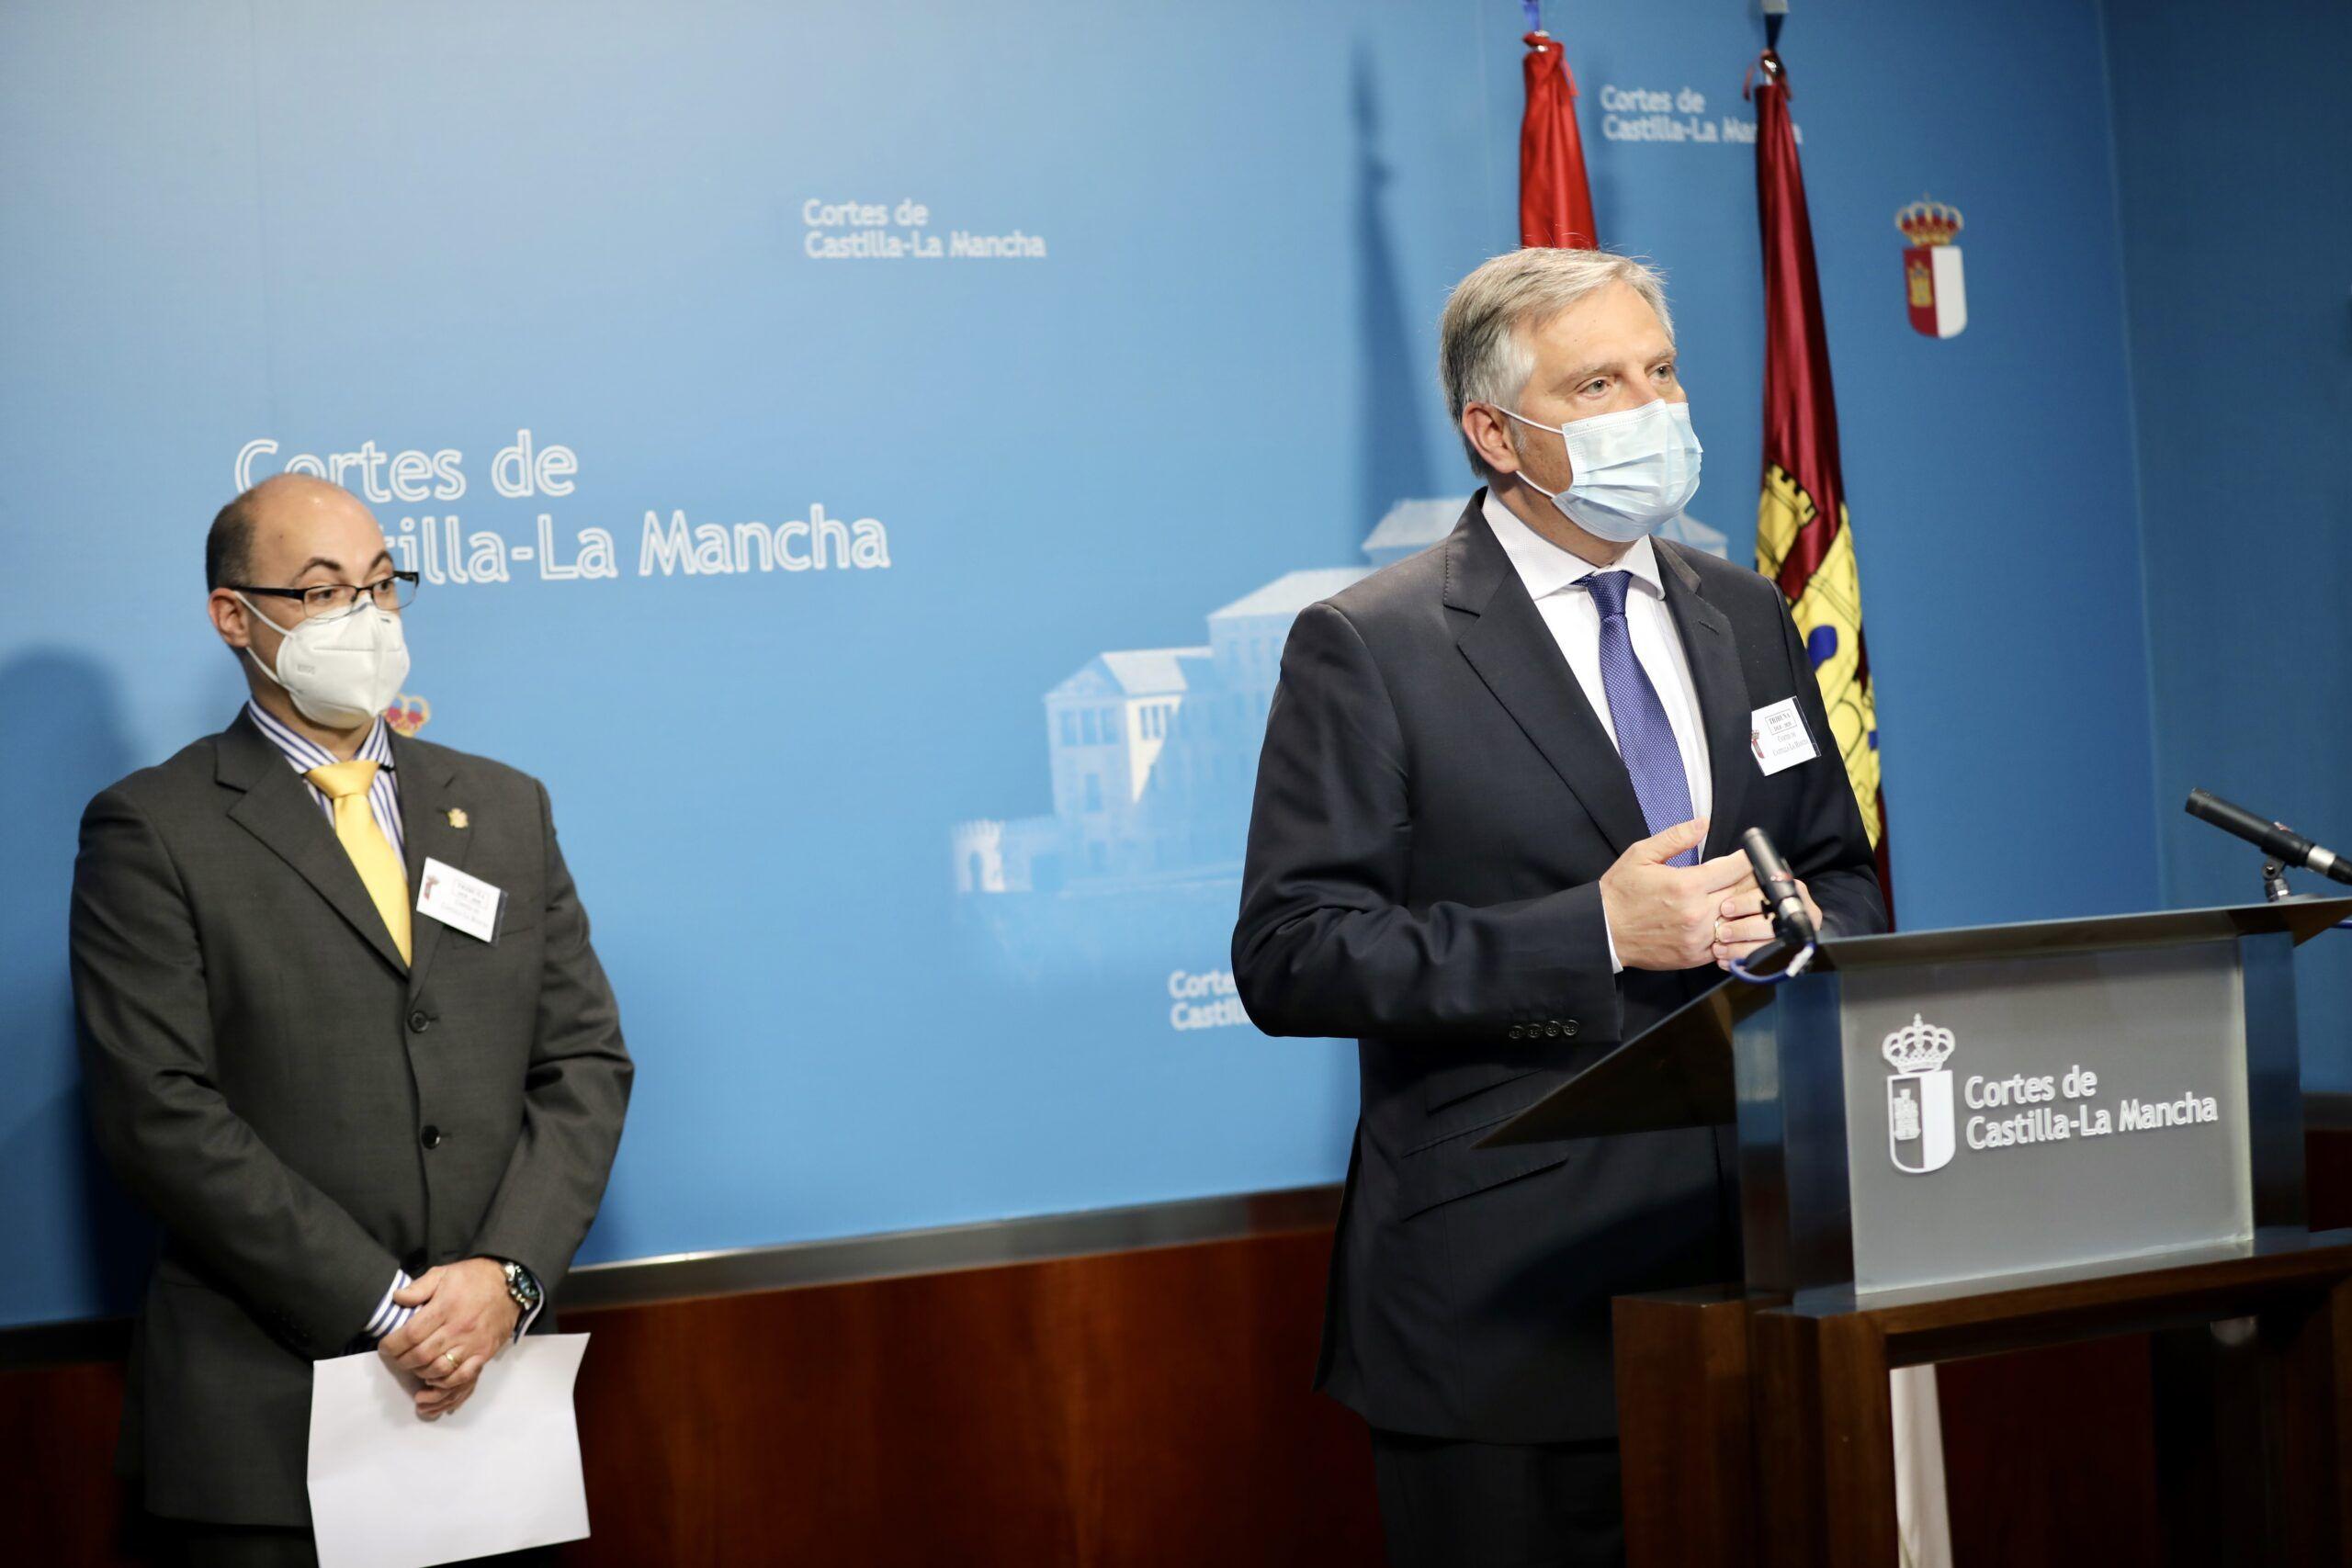 """Cañizares califica de """"pobre y triste"""" el discurso de Page sin atisbos de """"esperanza e ilusión"""" por Castilla-La Mancha"""